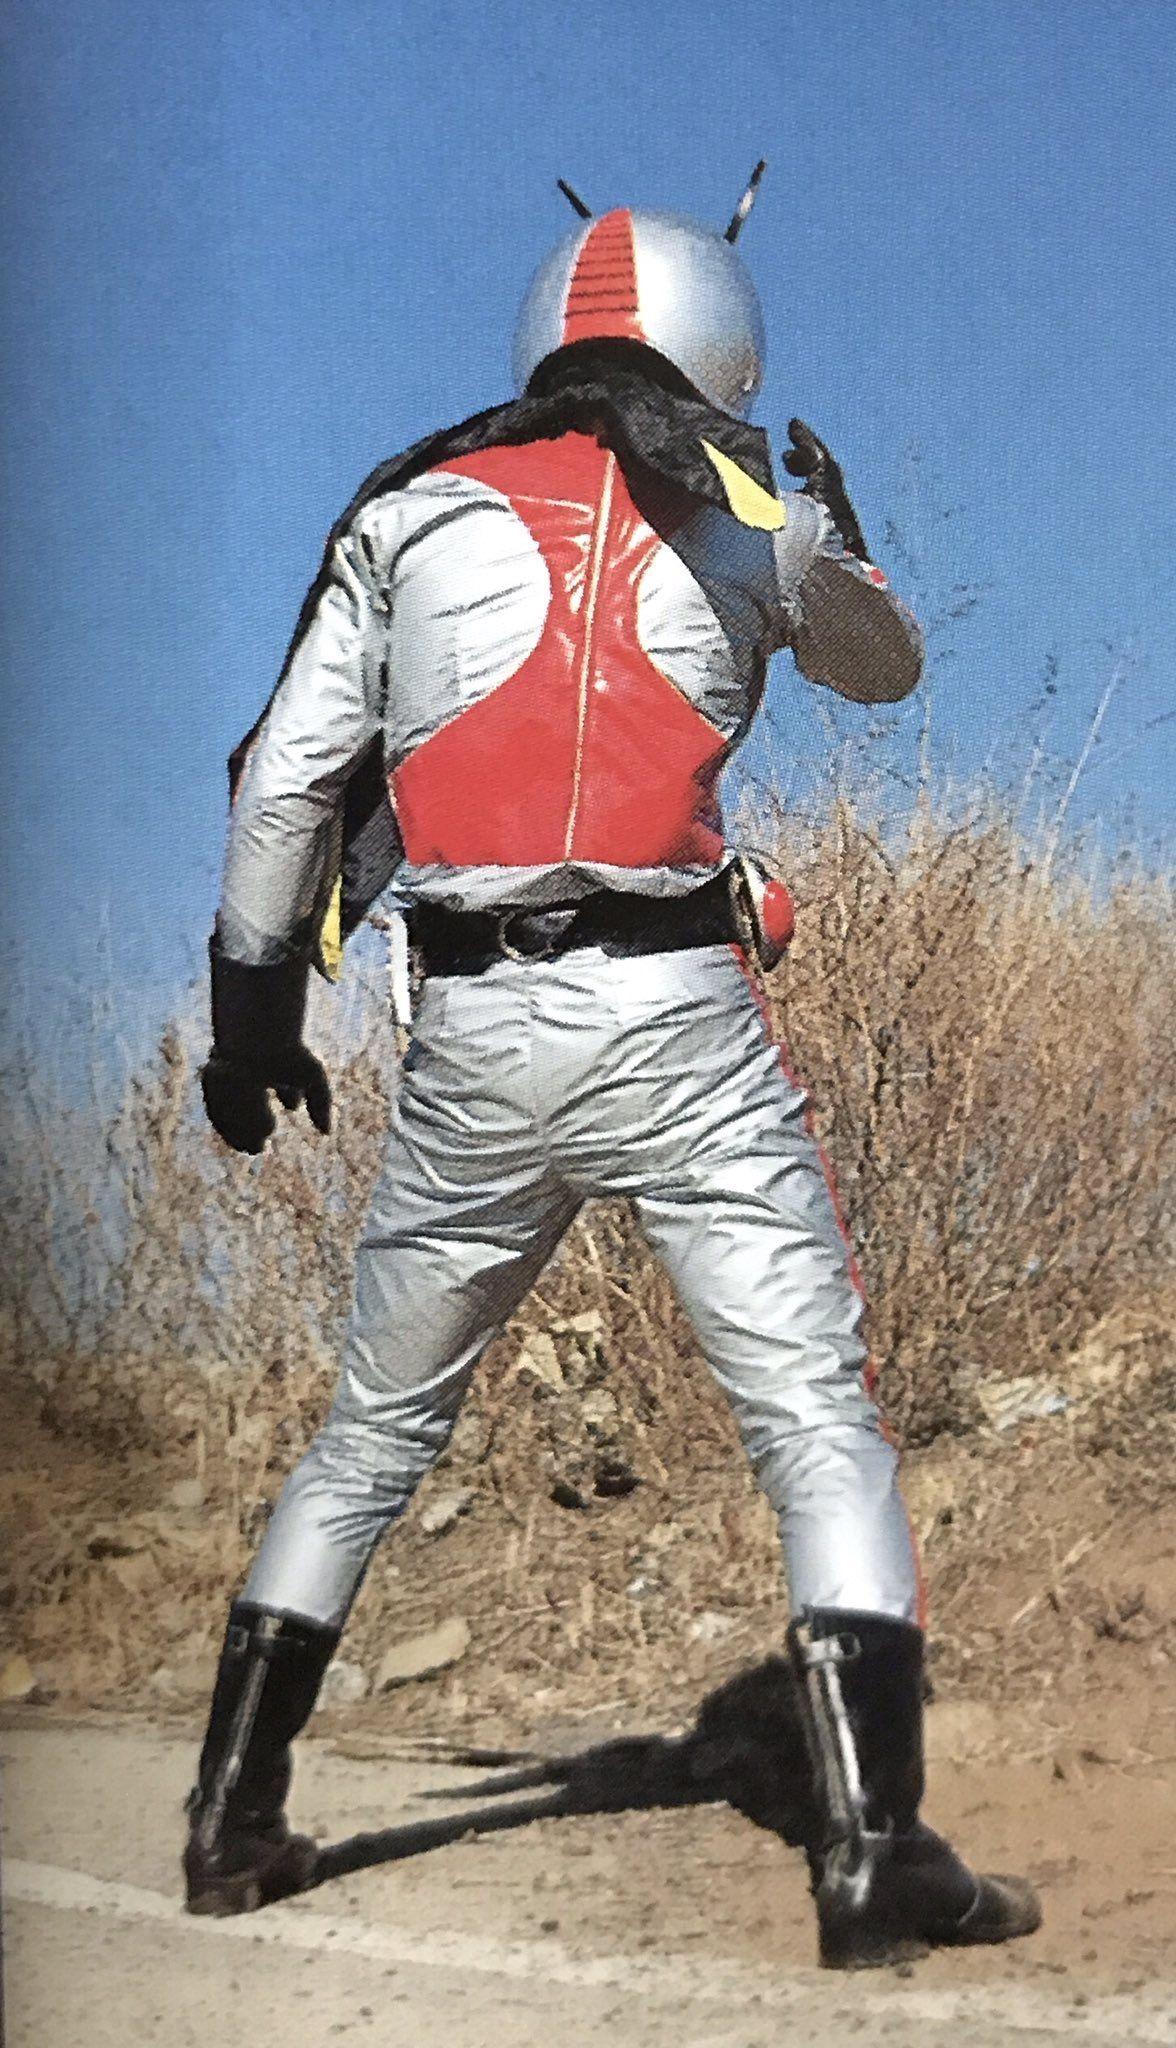 仮面ライダーX 第2NGスーツ | 仮面ライダーX | 仮面ライダー ...